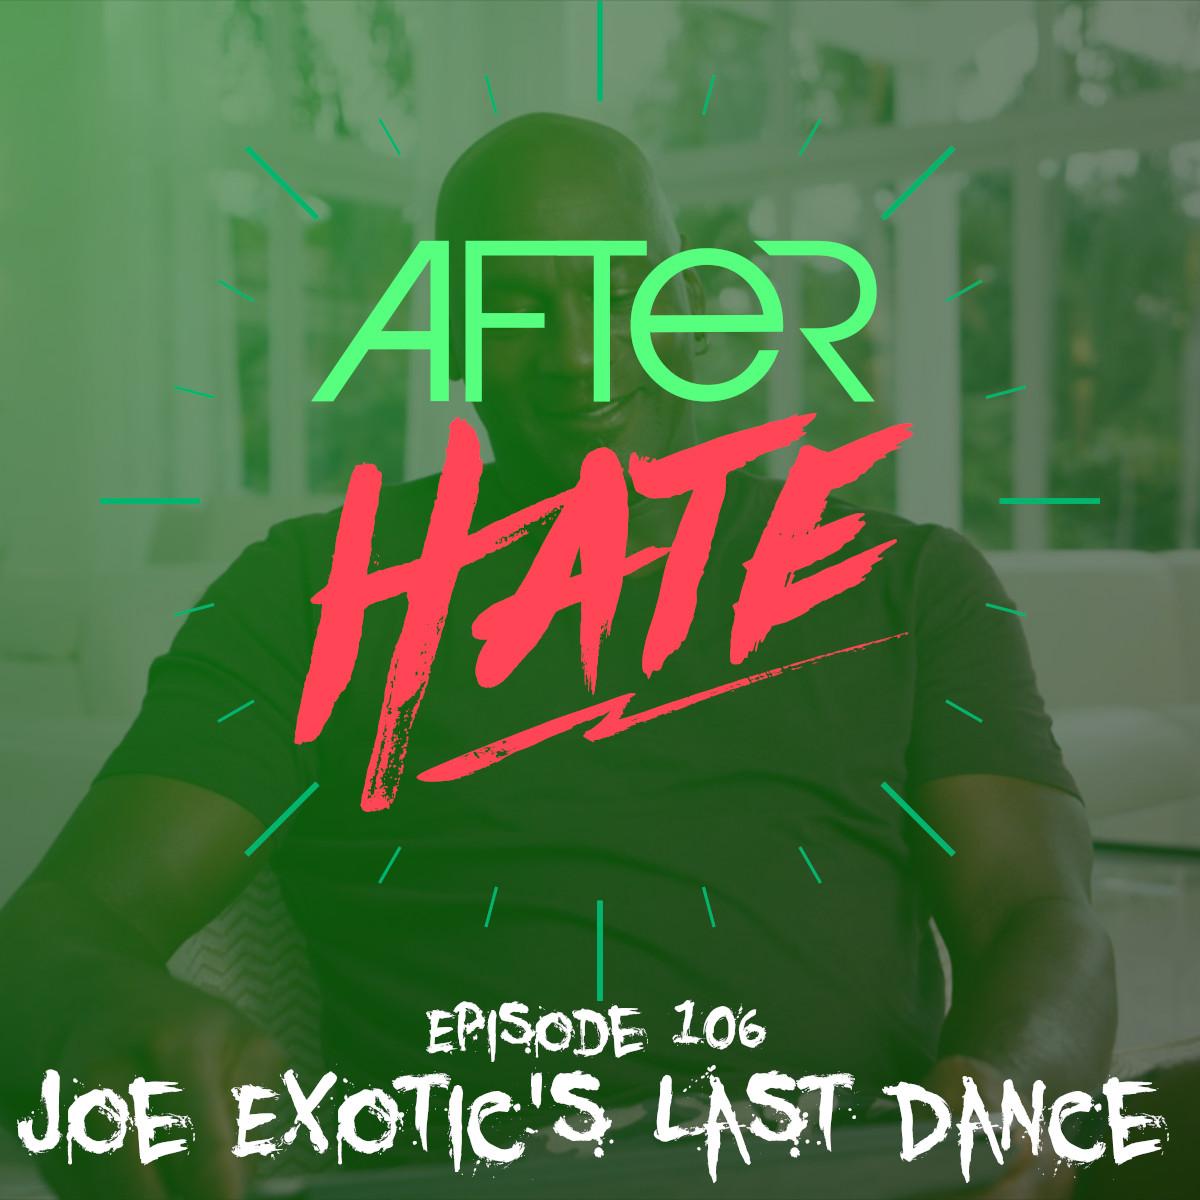 Episode 106 : Joe Exotic's Last Dance